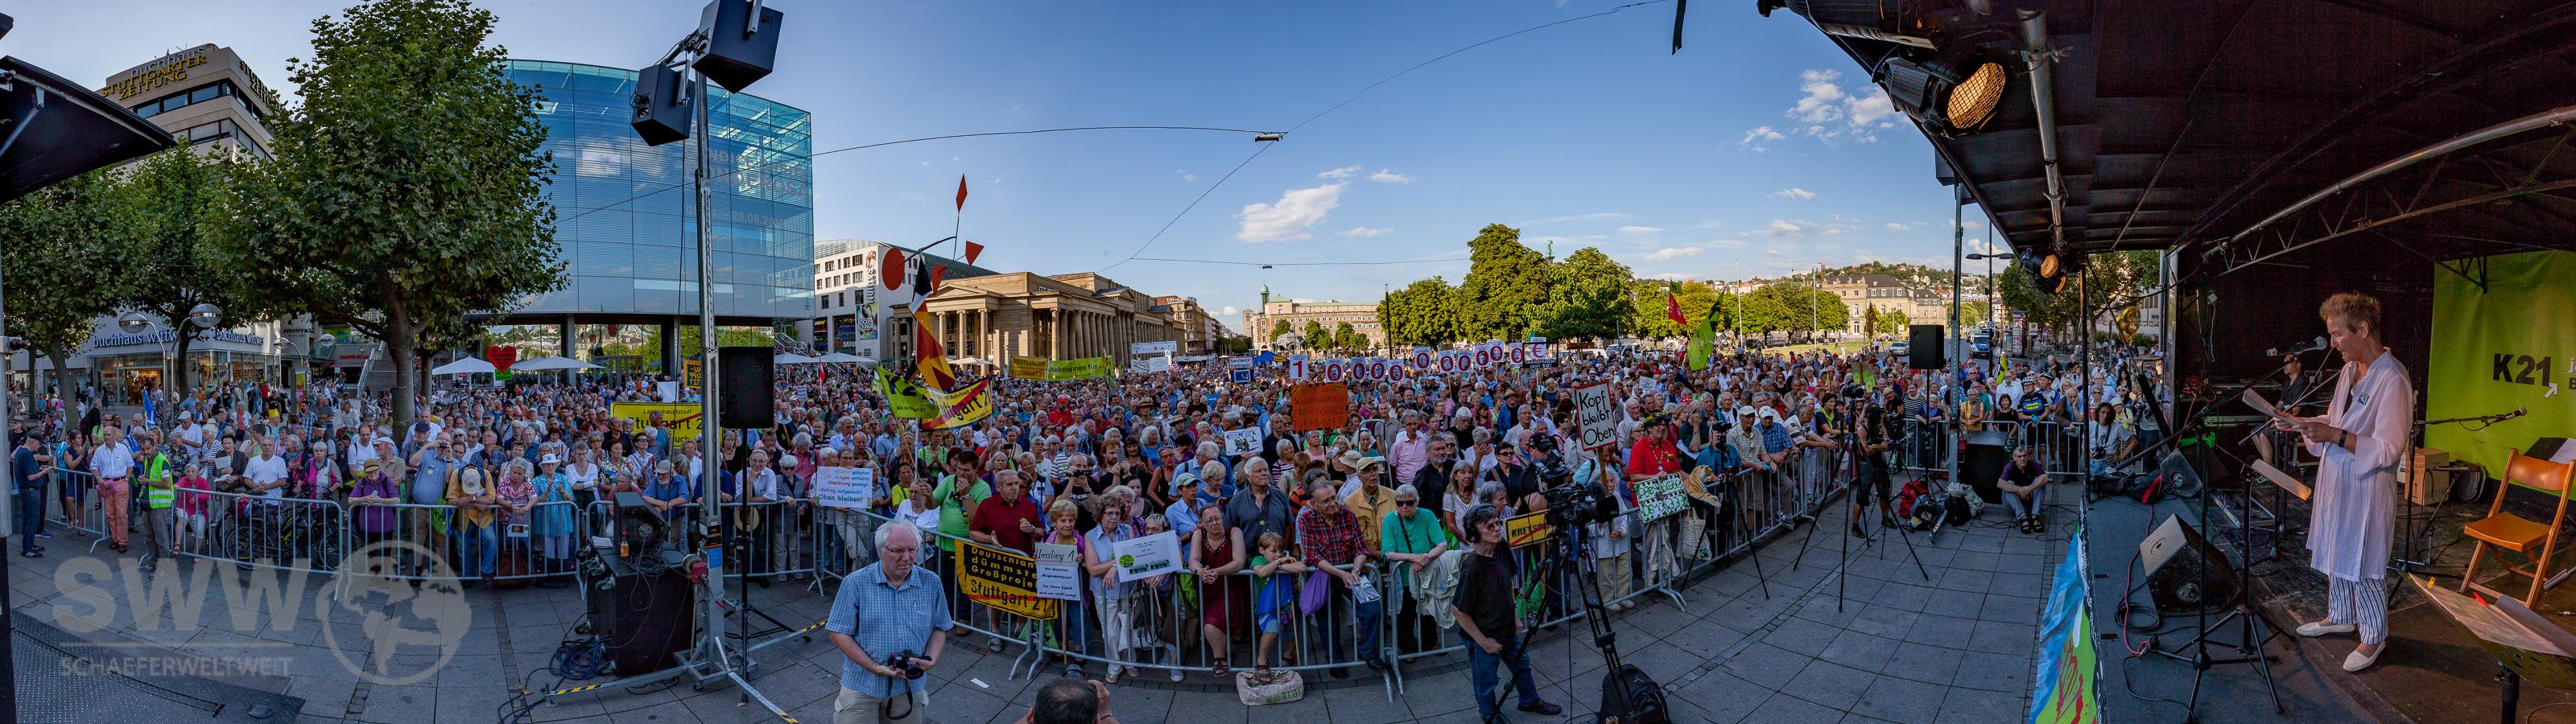 ©2016 Alexander Schäfer - 333.Montagsdemonstration in Stuttgart